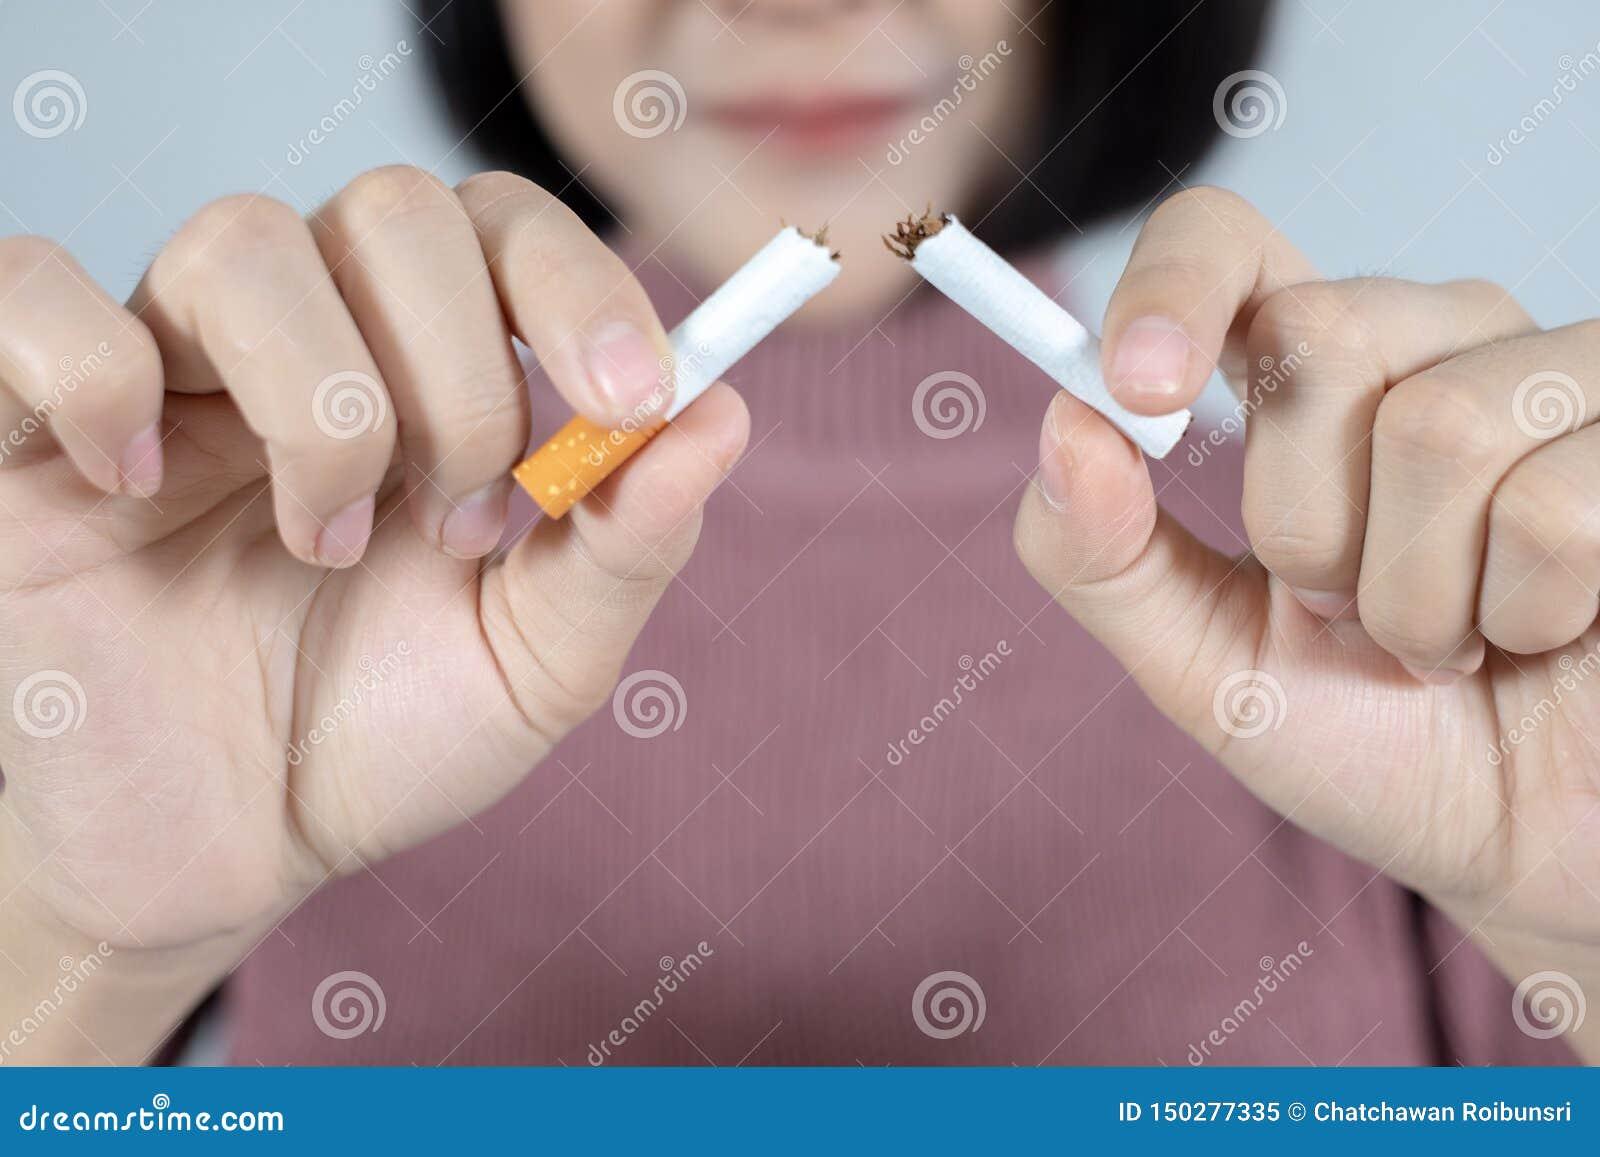 Junge Sch?nheit mit defekter Zigarette Stoppen Sie, Konzept zu rauchen